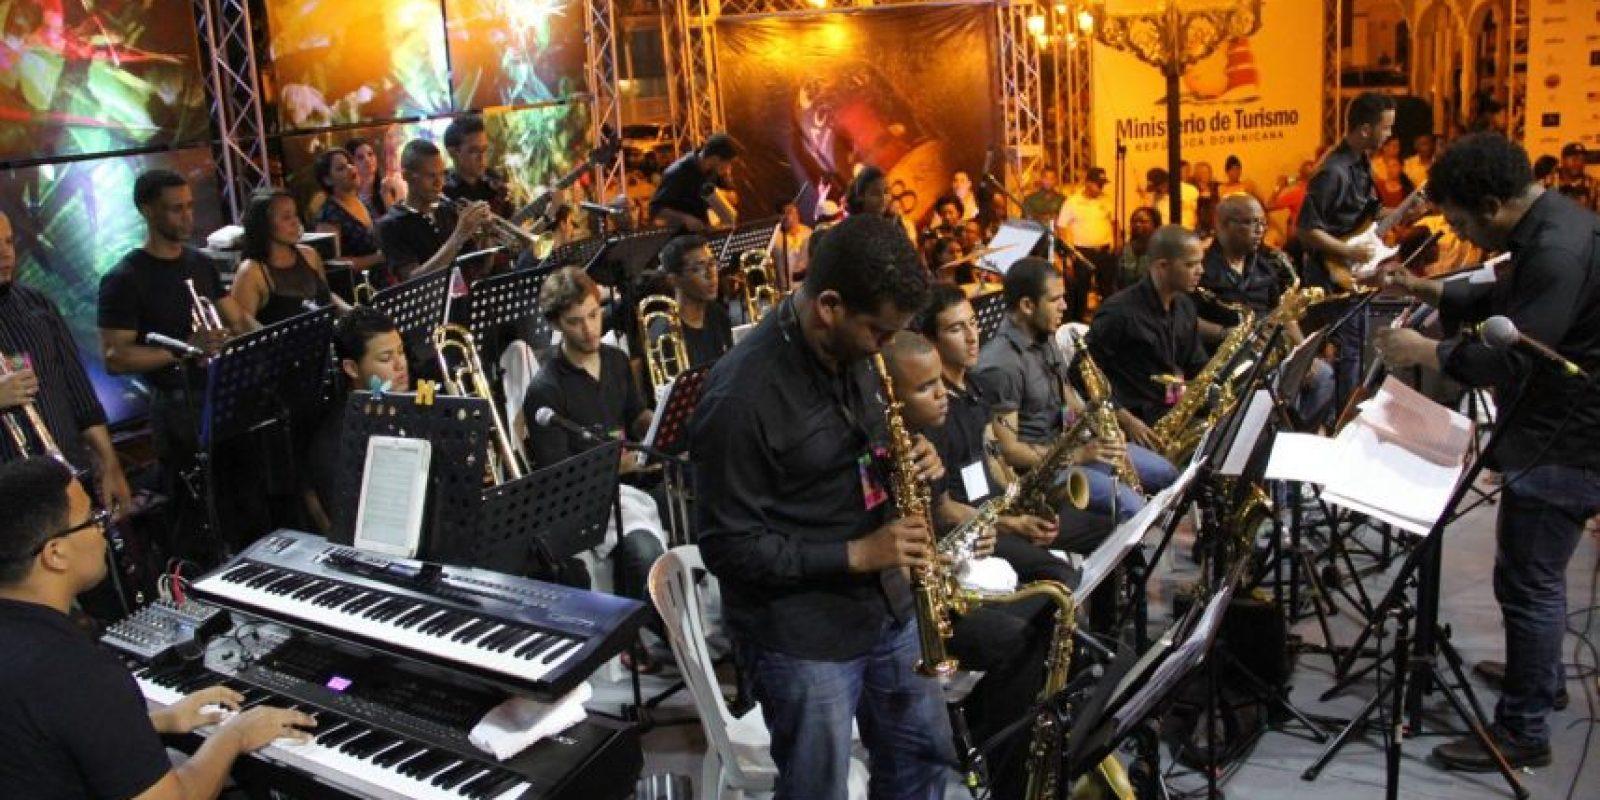 El jazz estará presente en esta gran celebración. Foto: Fuente externa